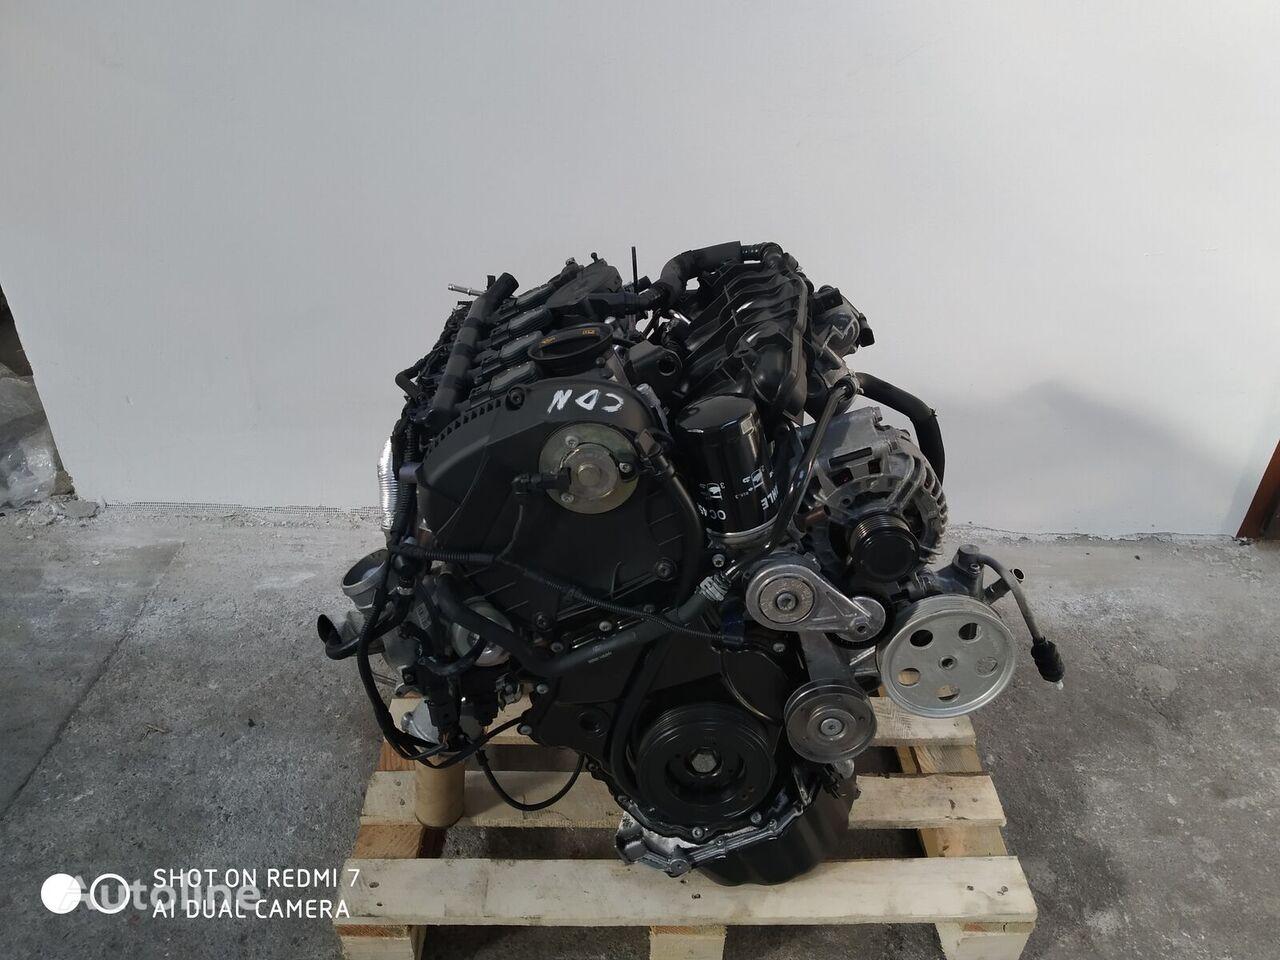 Audi CDN 2.0 TFSI A4 A5 Q5 motor para Audi CDN 2.0 TFSI AUDI A4 A5 Q5 coche